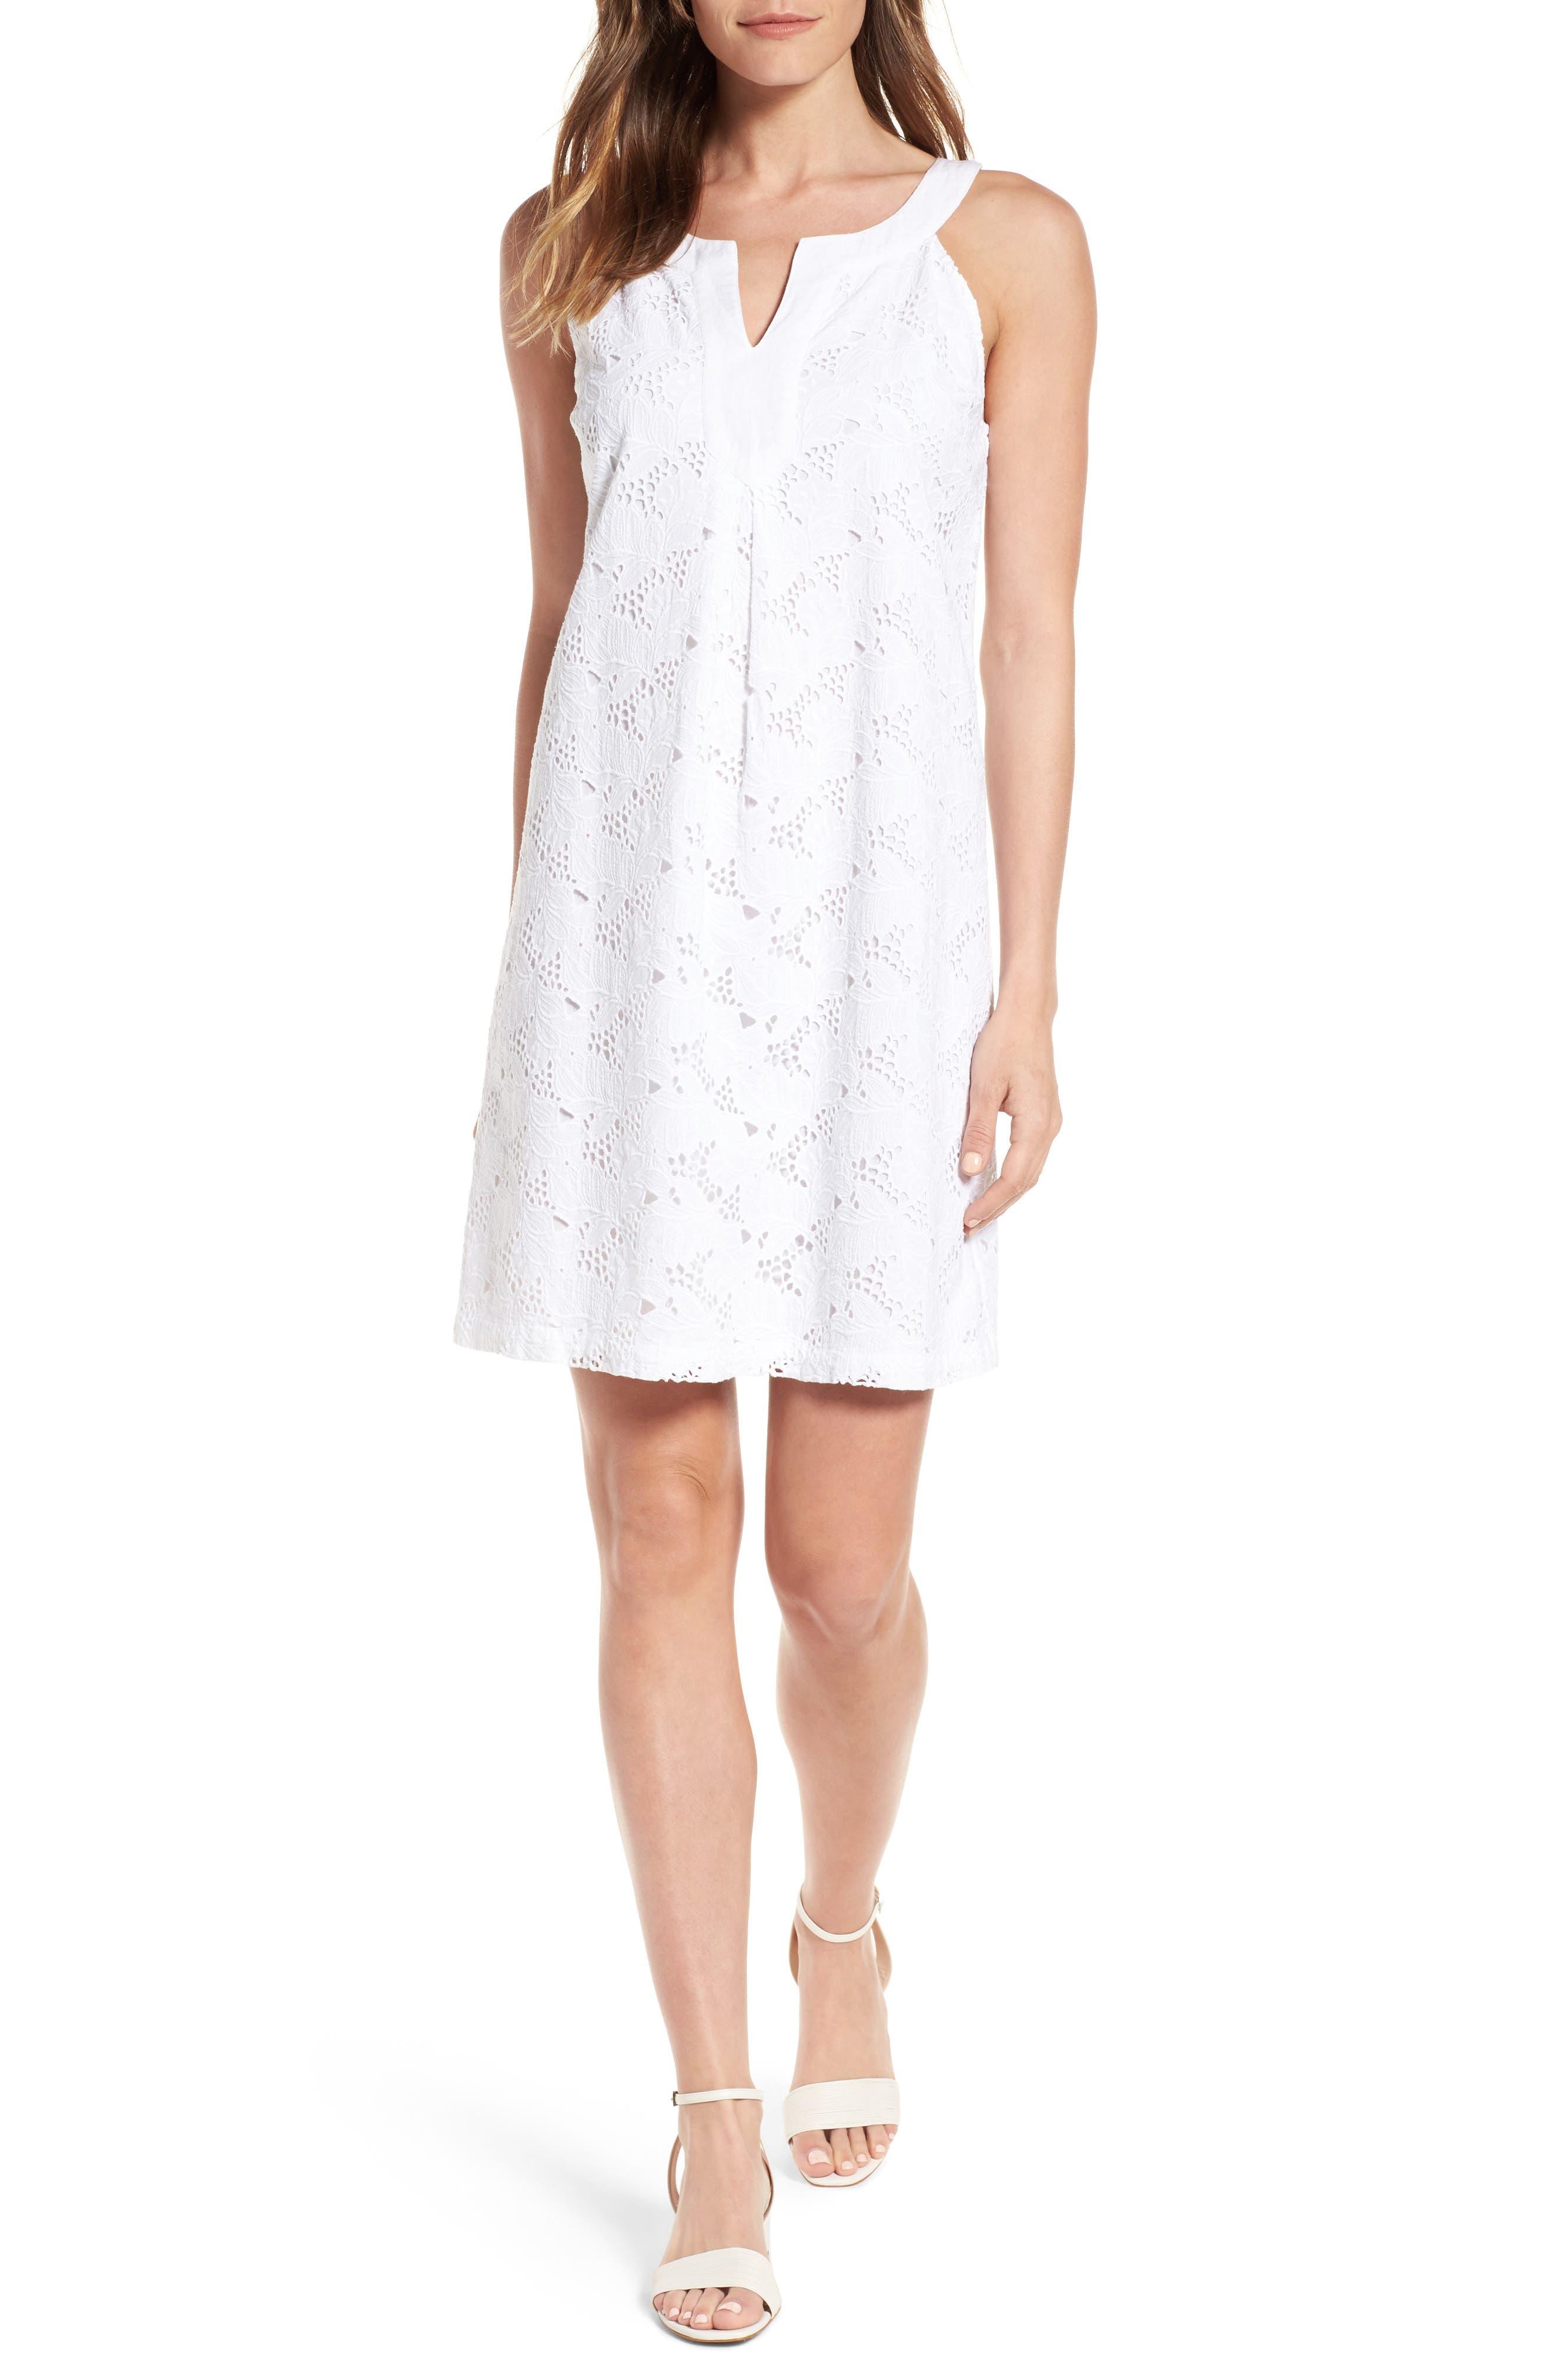 Alternate Image 1 Selected - Tommy Bahama Eyelet Cotton Shift Dress